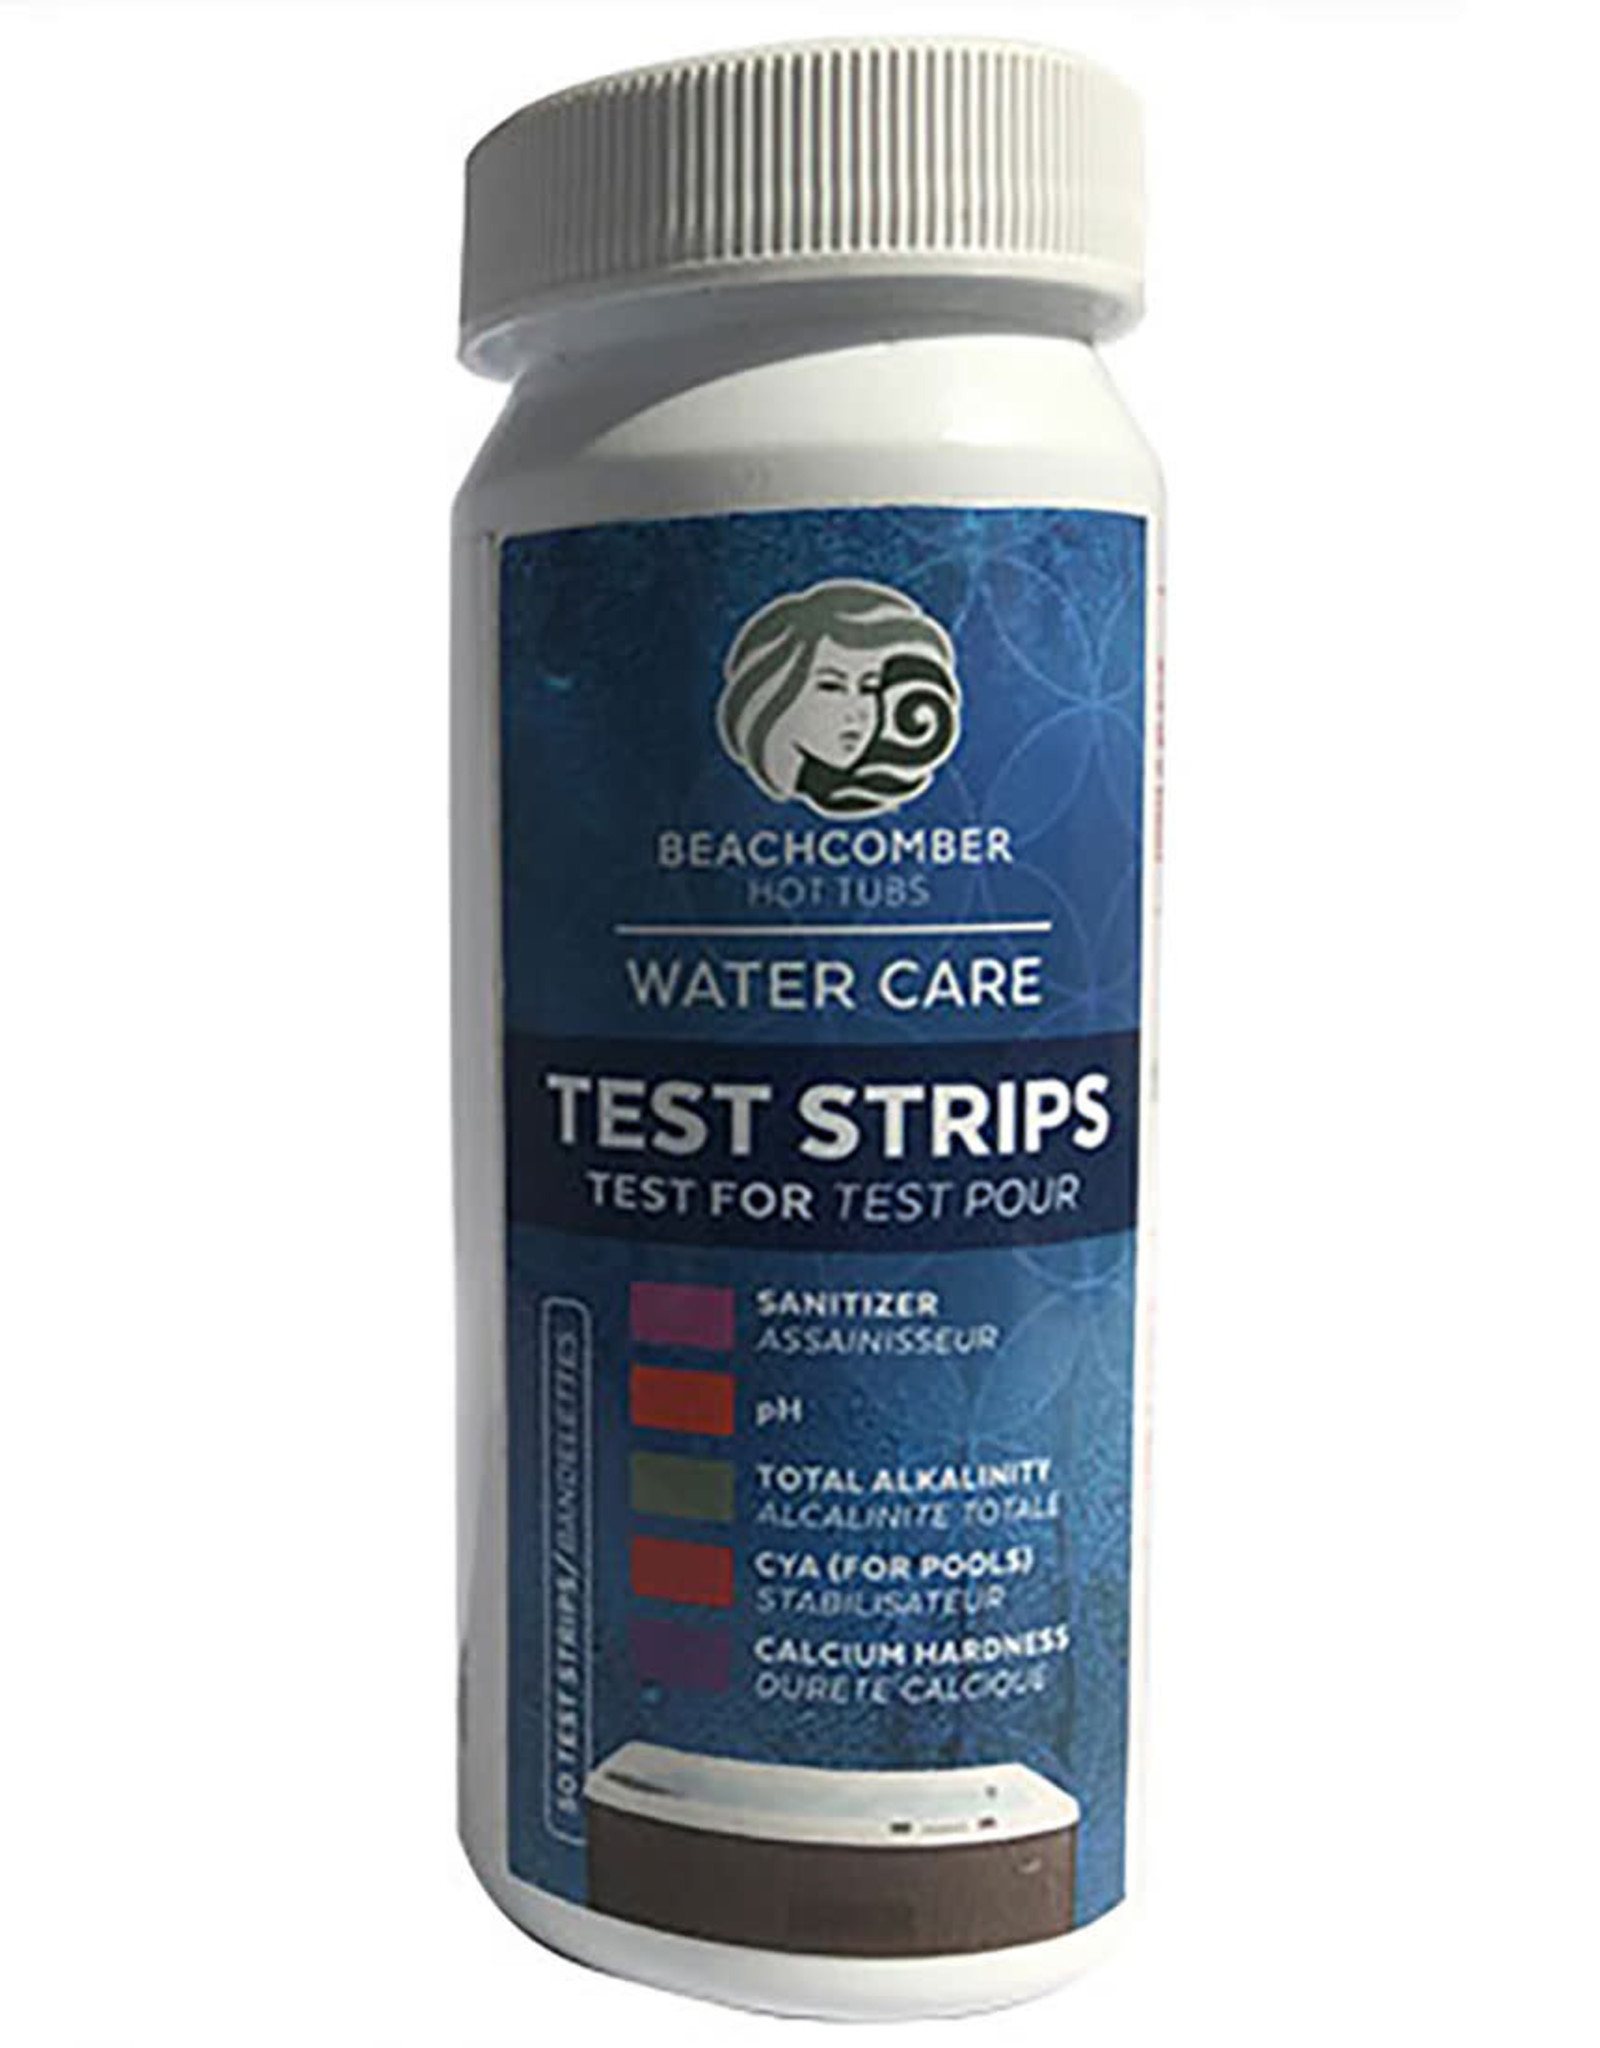 BEACHCOMBER SMART TEST STRIPS / APP - 50